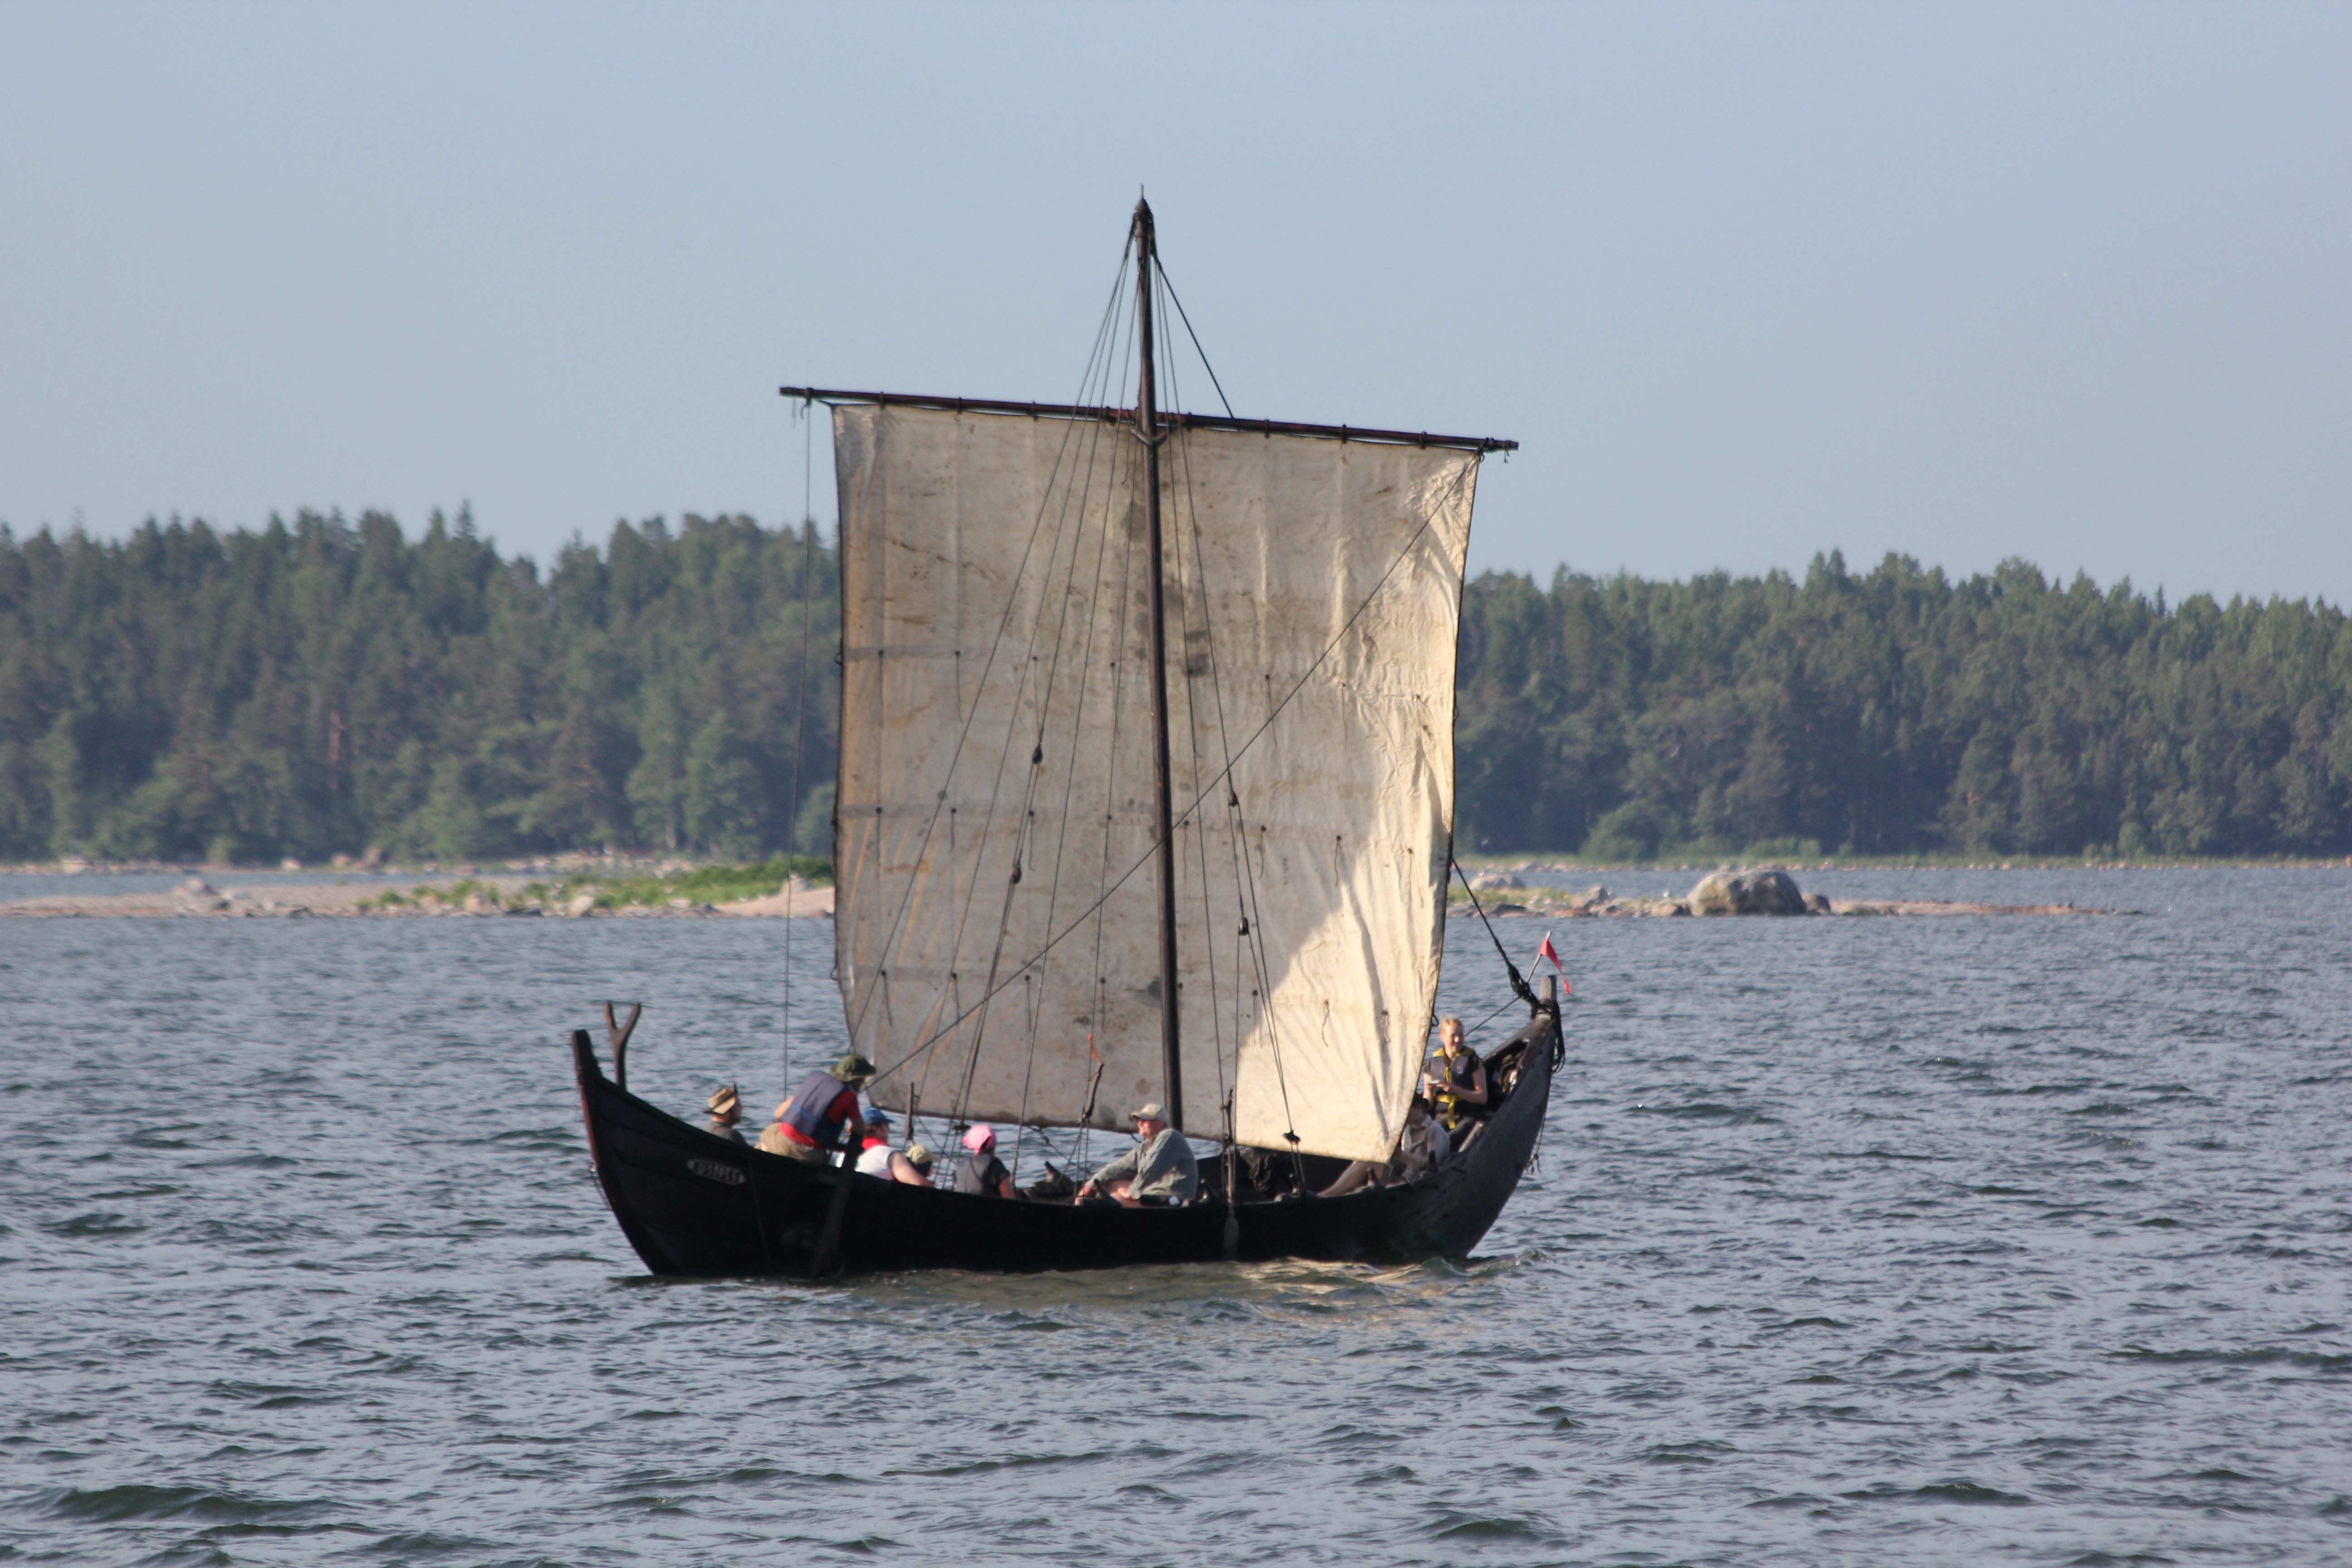 File:Old boat Helsinki 2.JPG - Wikimedia Commons